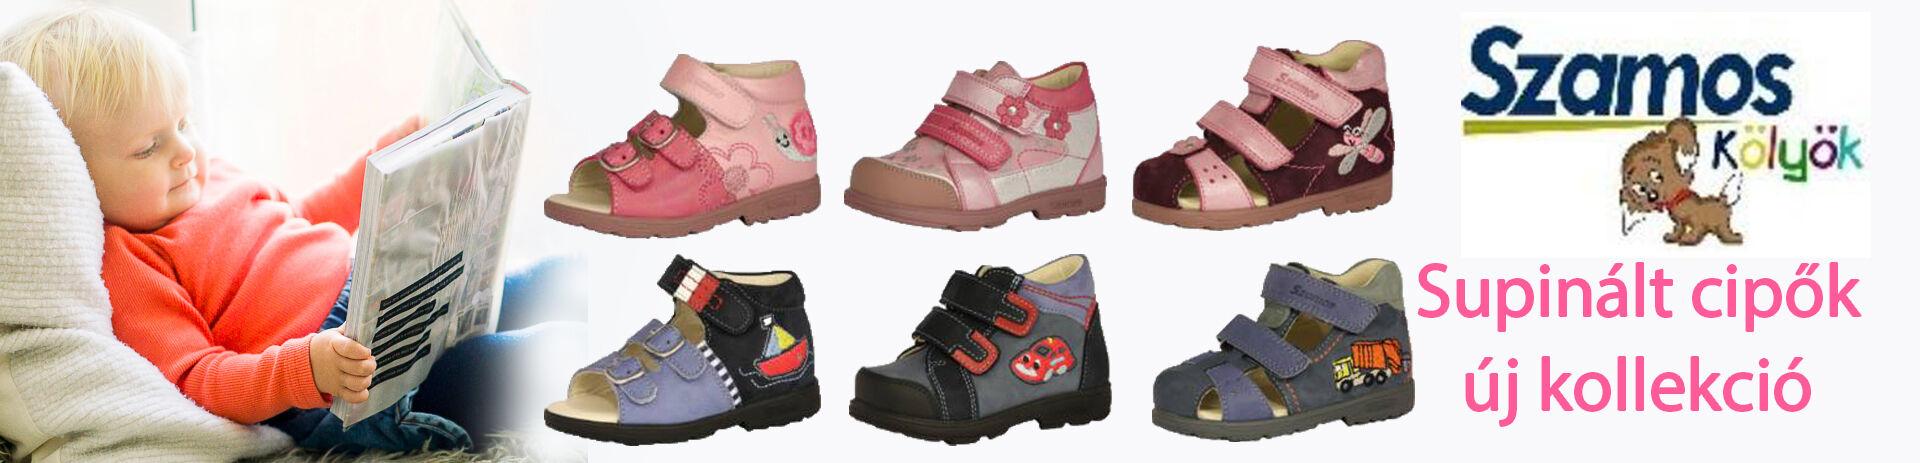 Szamos supinált cipők